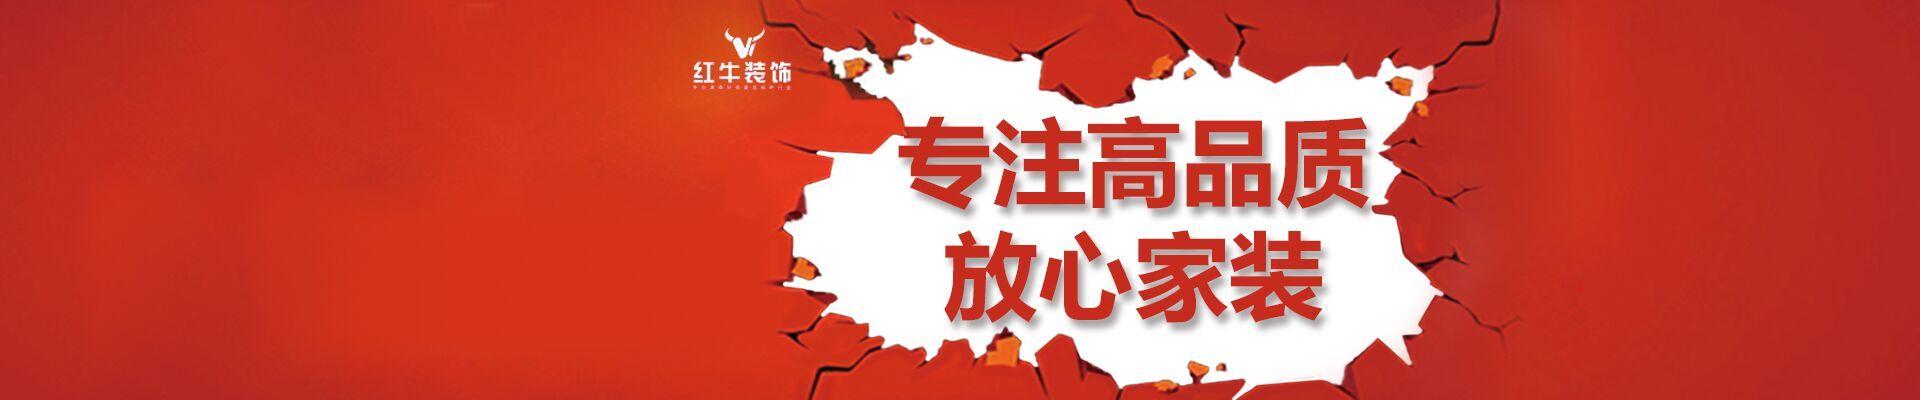 永州市区红牛装饰